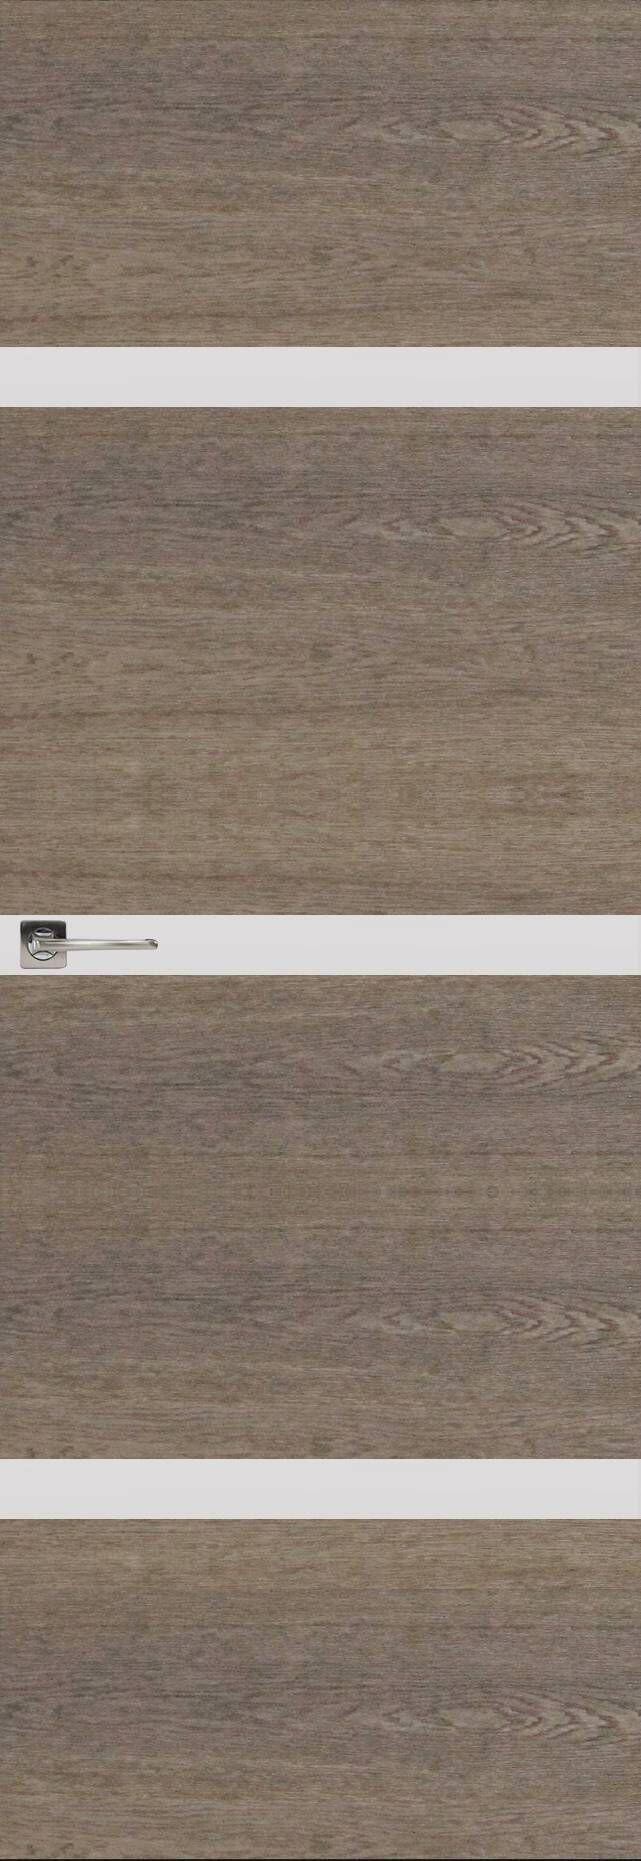 Tivoli Г-4 Невидимка цвет - Дуб антик Без стекла (ДГ)